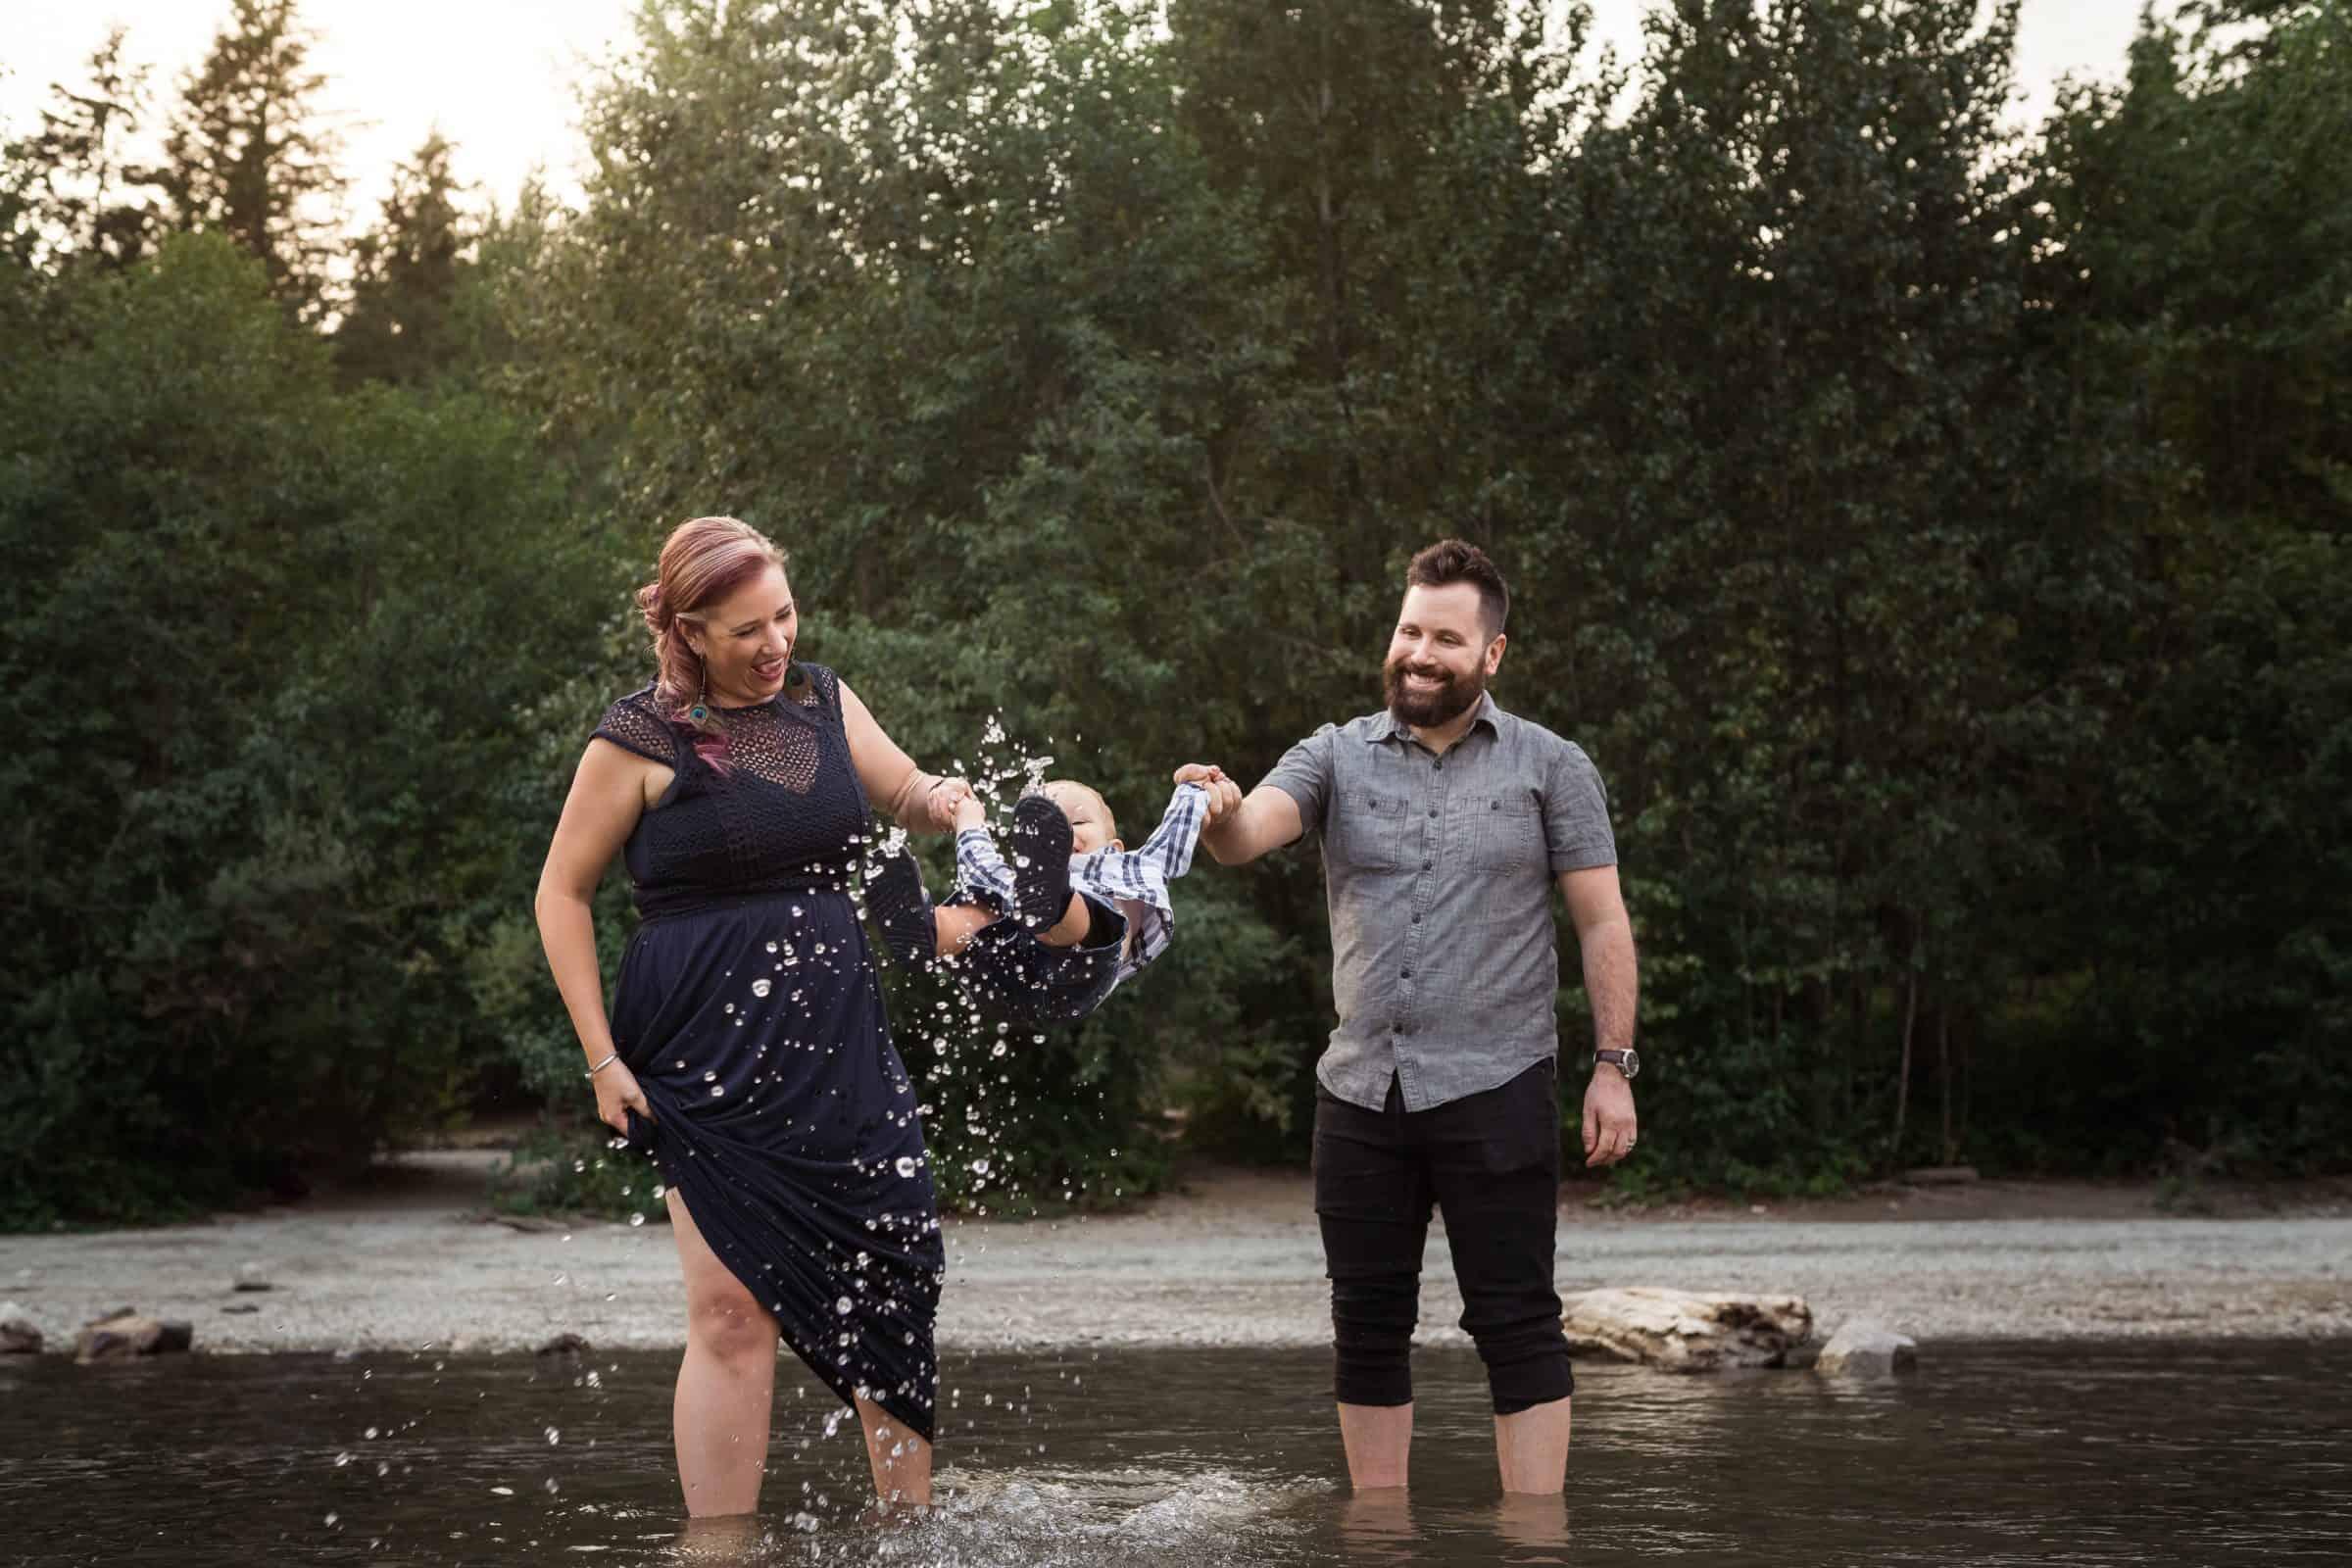 parents swinging and splashing toddler in lake